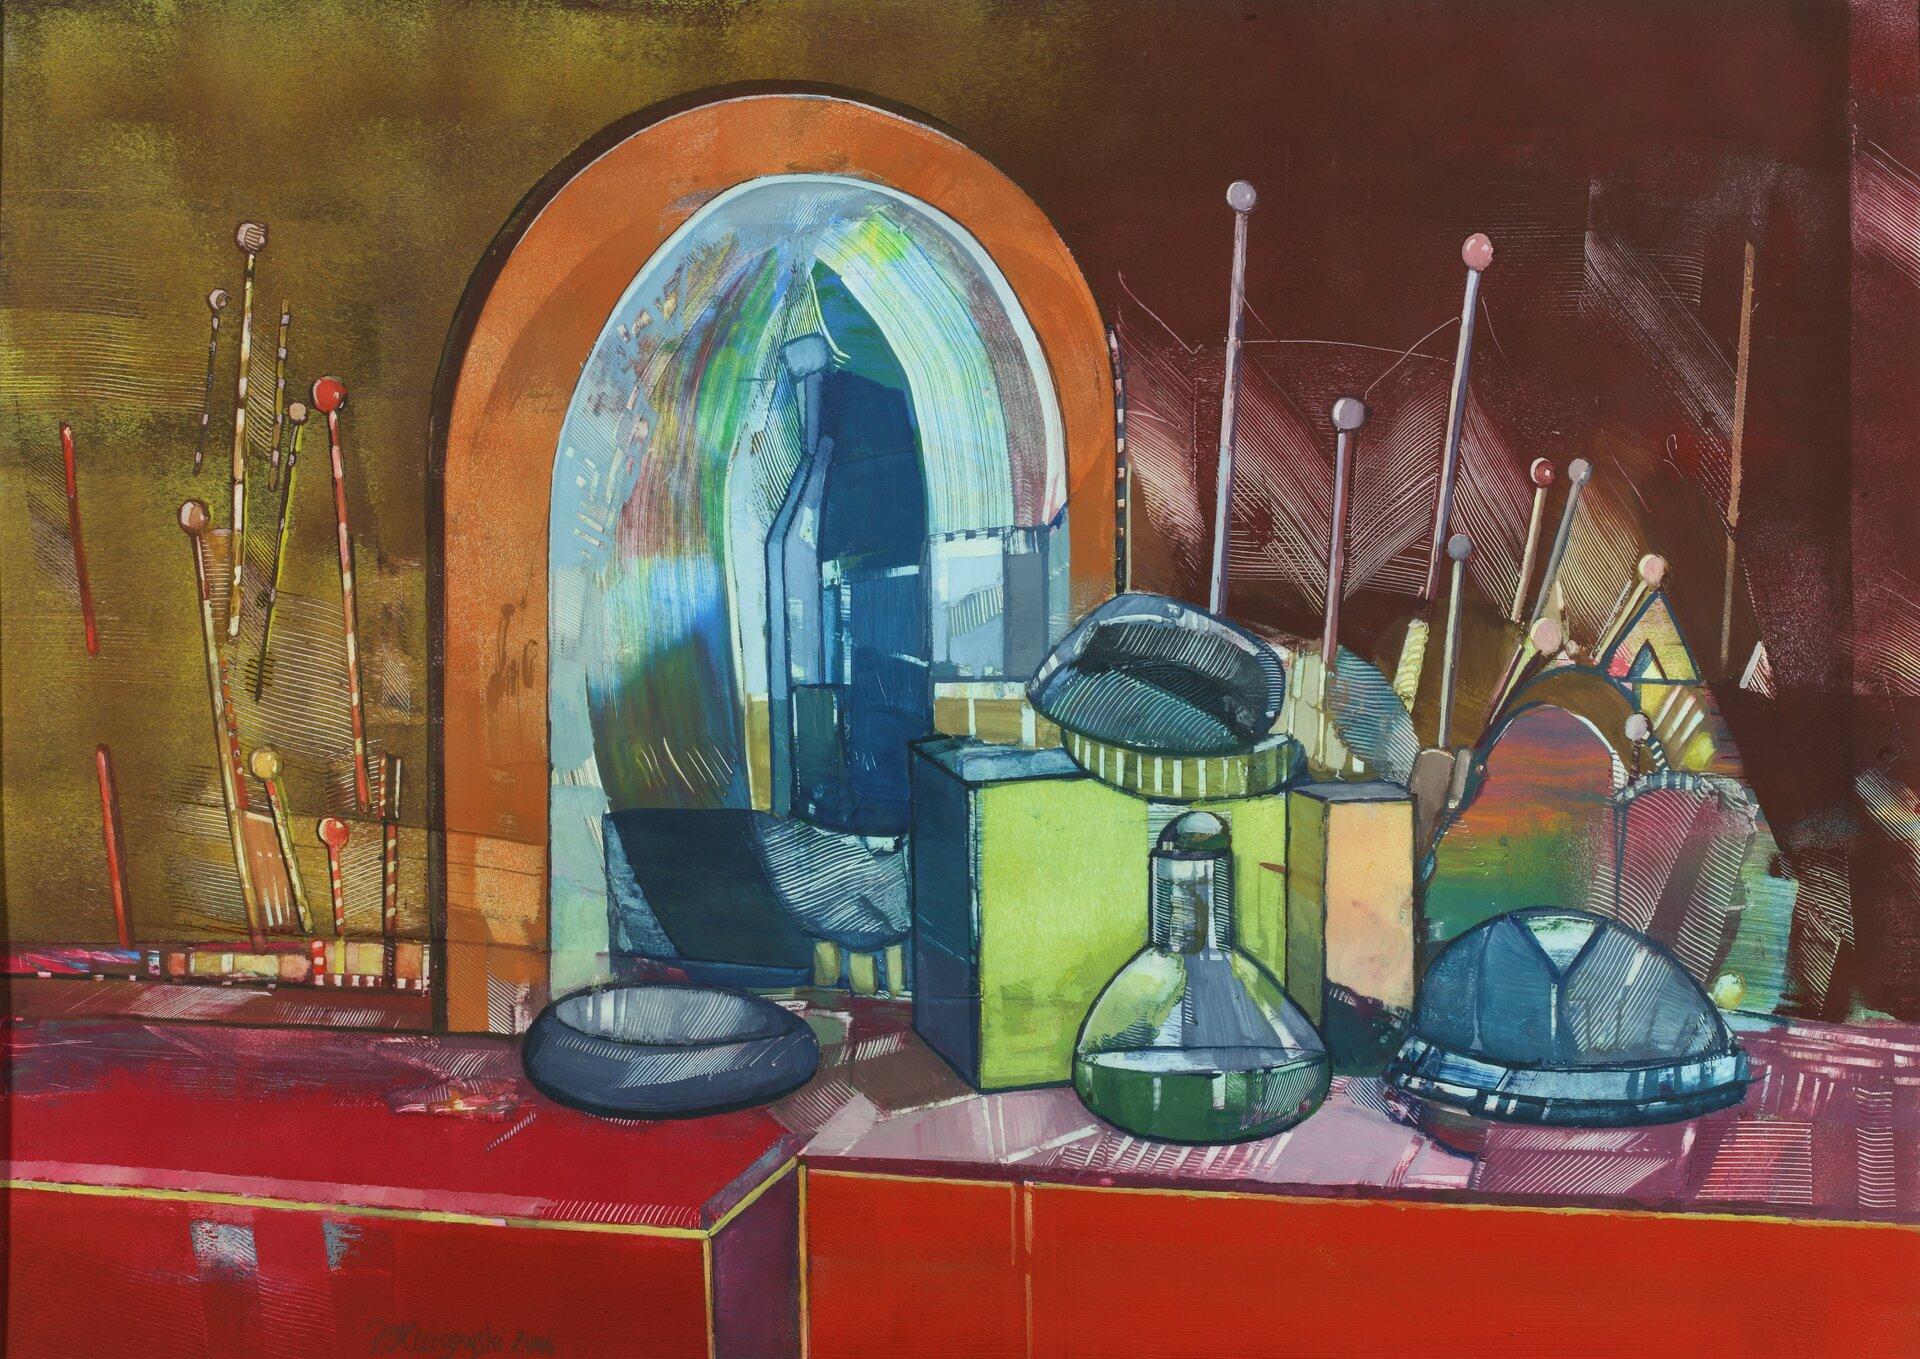 """Ilustracja przedstawia obraz olejny """"Martwa natura"""" autorstwa Piotra Klugowskiego. Kompozycja ukazuje dwie czerwone szafki ustawione pod brązowo-ugrową ścianą na których znajdują się różnego rodzaju przedmioty, pudła inaczynia atakże liczne, długie pałeczki zokrągłymi końcówkami. Na jednej zszafek ustawione jest również półokrągłe lustro wjasnobrązowej ramie. Obraz cechuje się dużym uproszczeniem form. Przedmioty obrysowane są wyraźnym konturem. Dla artysty nie jest ważny detal. Przy pomocy prostych środków wyrazu stara się oddać charakter przedstawionych elementów. Praca wykonana została wszerokiej gamie barw: począwszy od chłodnych granatów, poprzez zielenie ibrązy aż do gorących czerwieni ipomarańczy."""